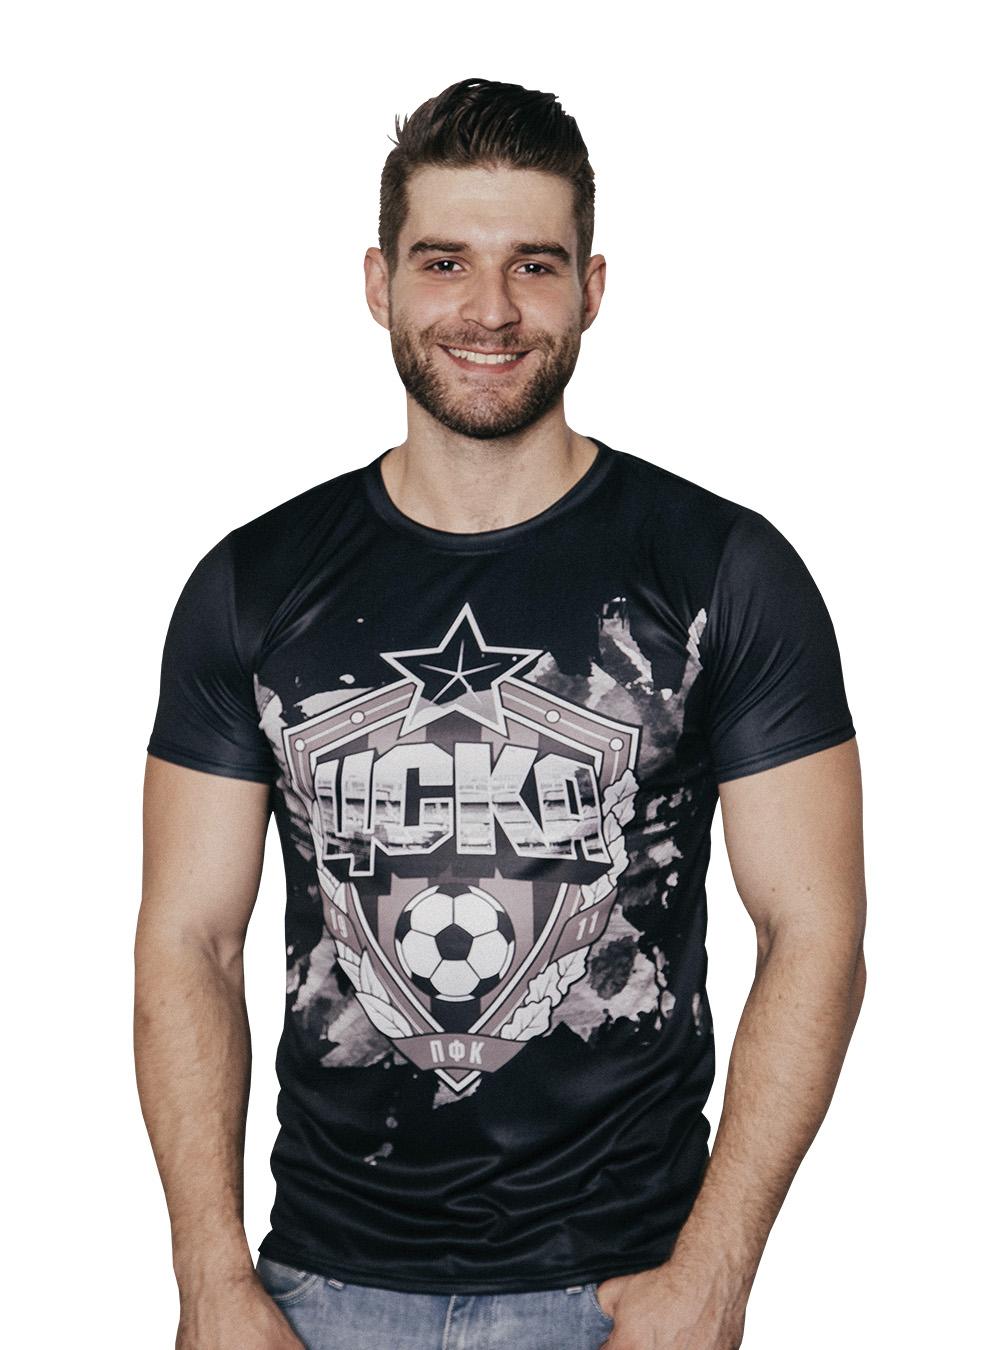 Купить Футболка мужская «Эмблема», цвет чёрный (4XL) по Нижнему Новгороду